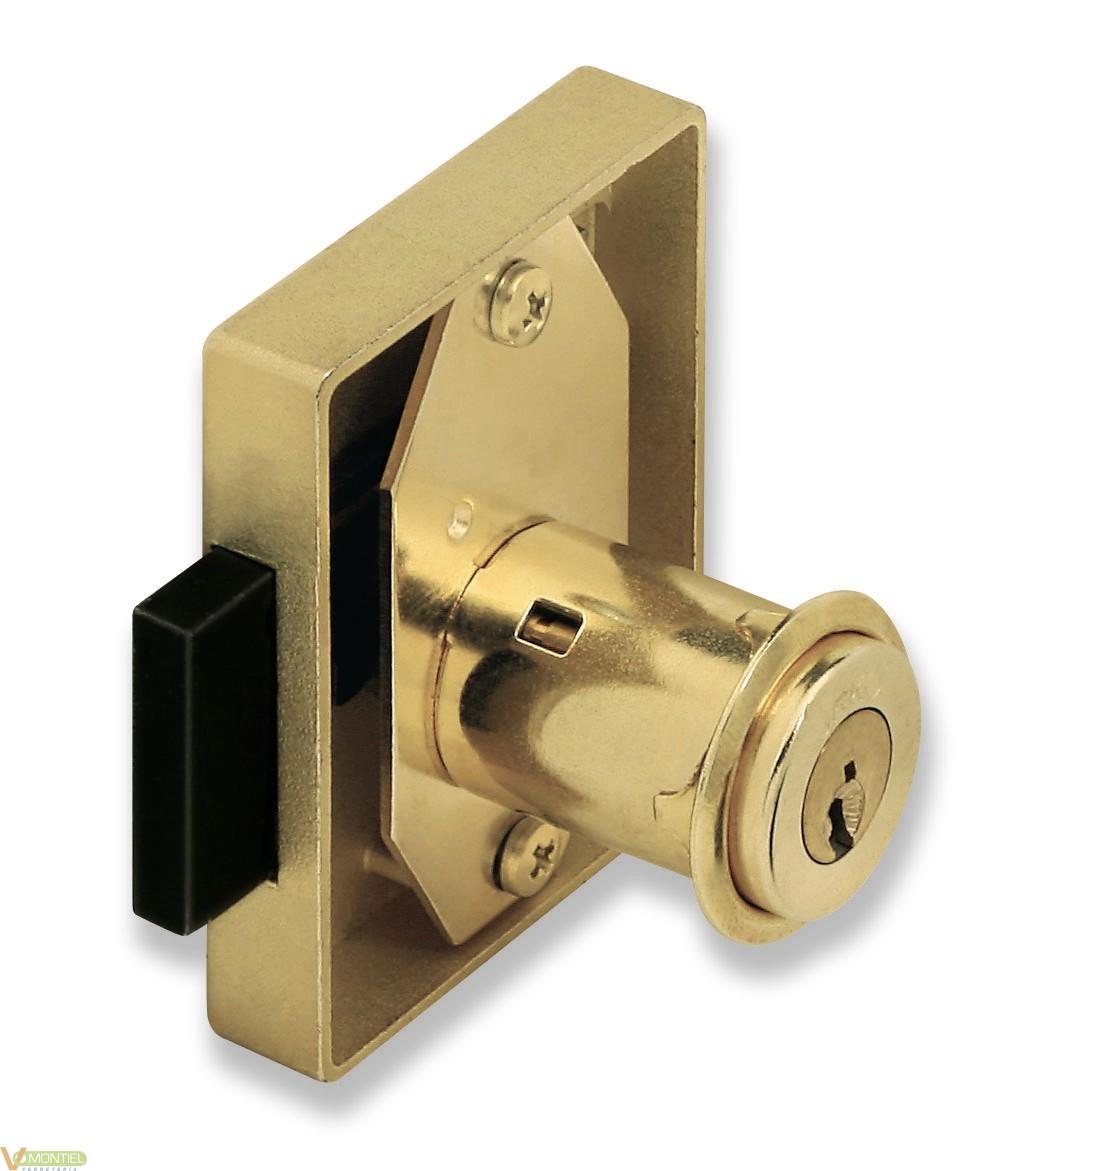 Cerradura mueb entrada 20mm 23-0